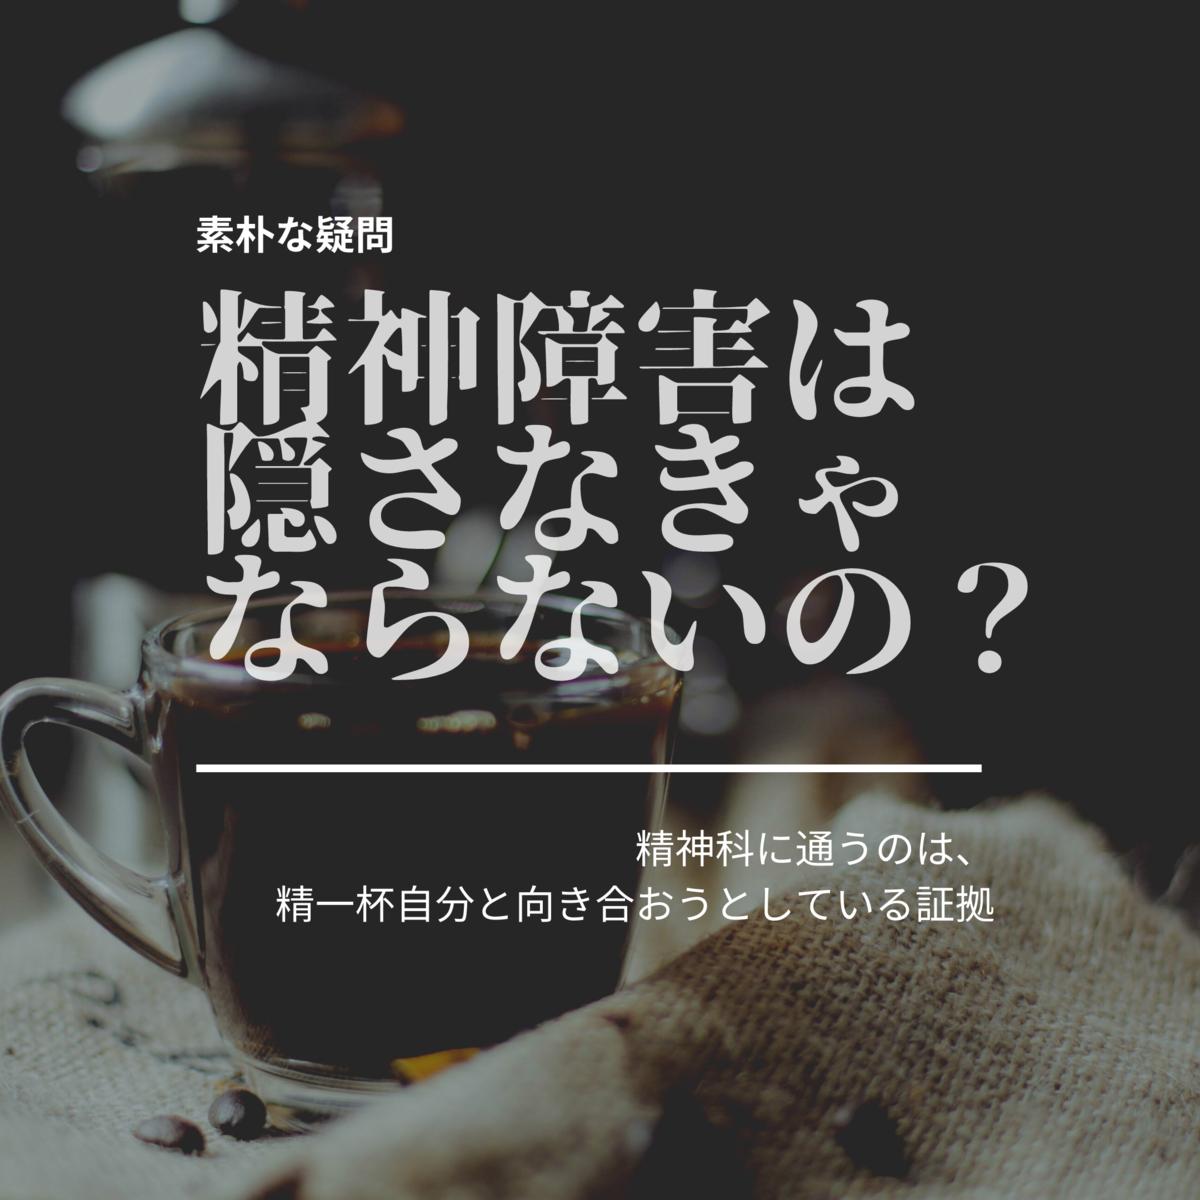 f:id:hanamaru00kun:20200726202938p:plain